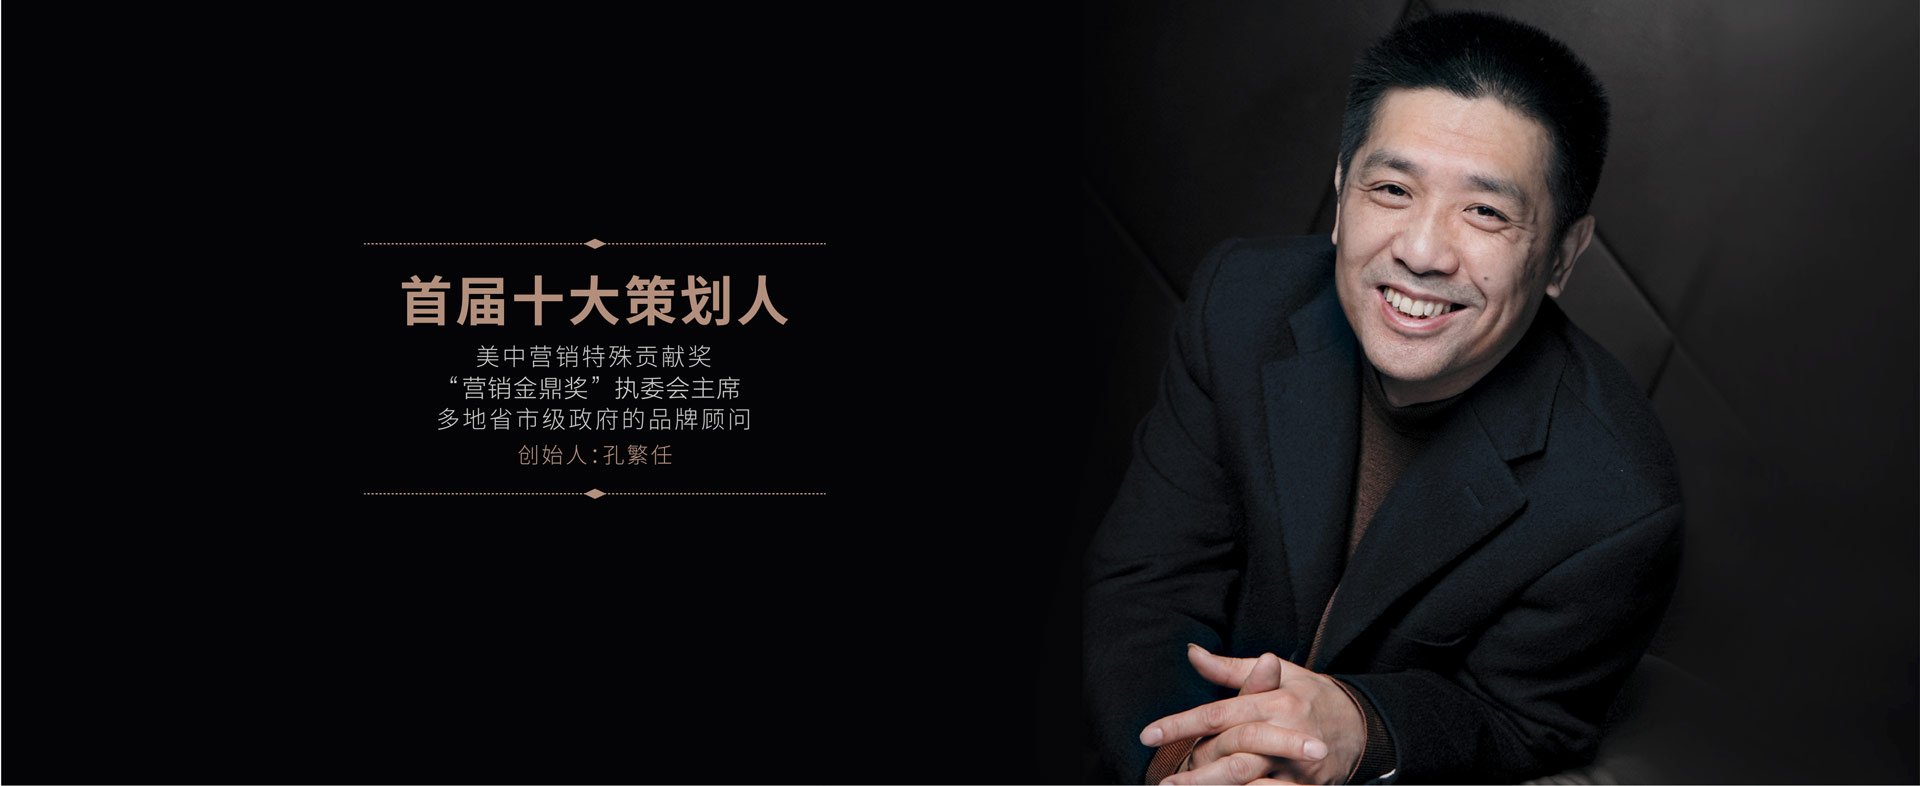 中国首届十大策划人-孔繁任